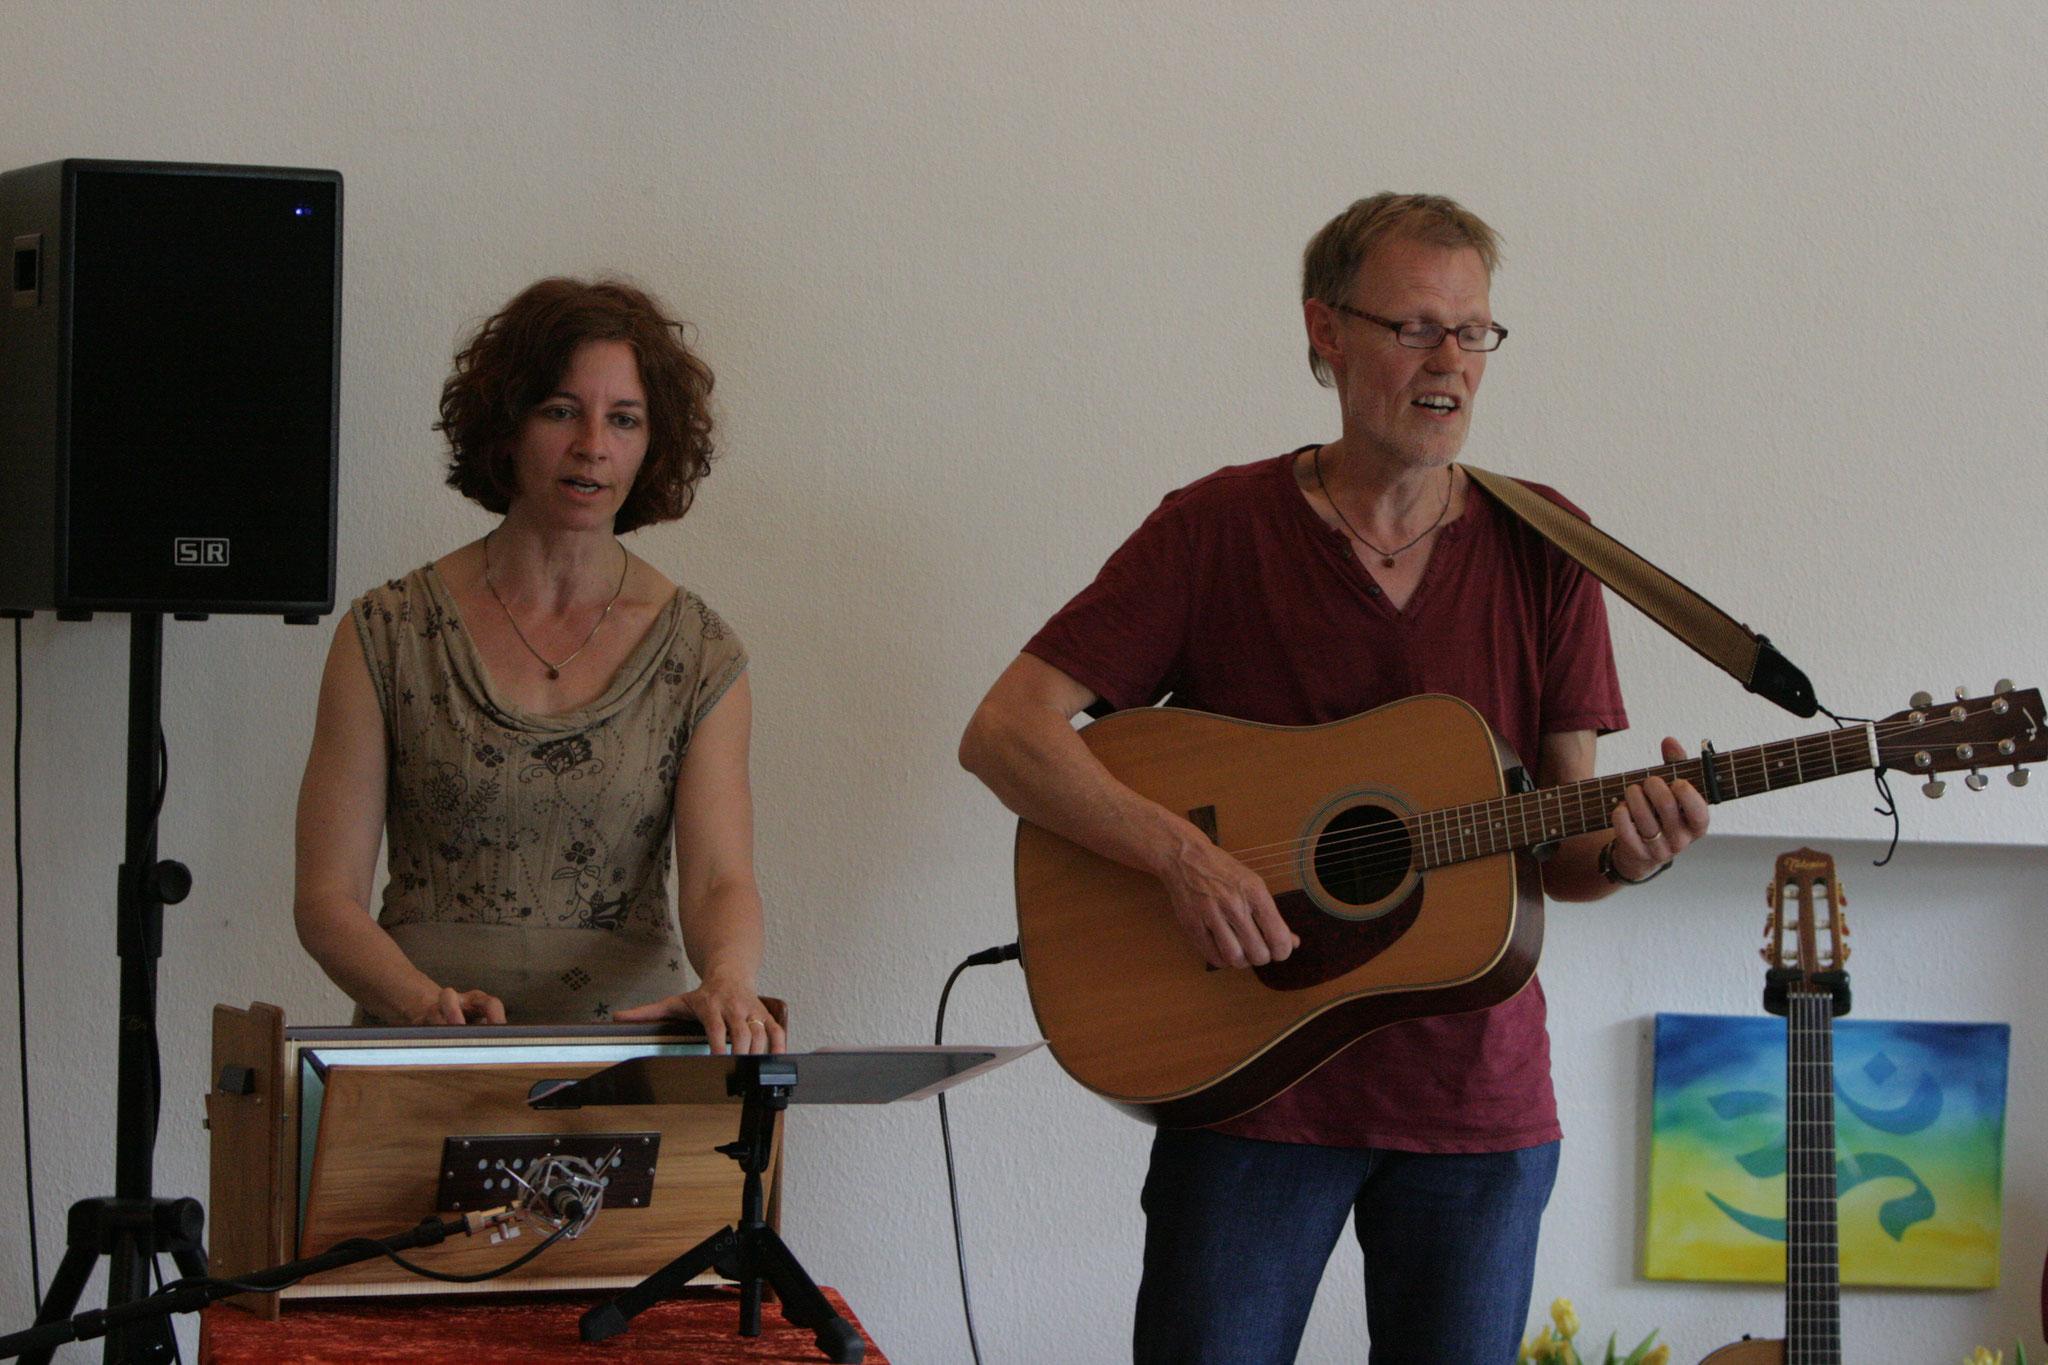 Jochen & Inke Foto: Anne Kehrein & Klaus Schaarschmidt